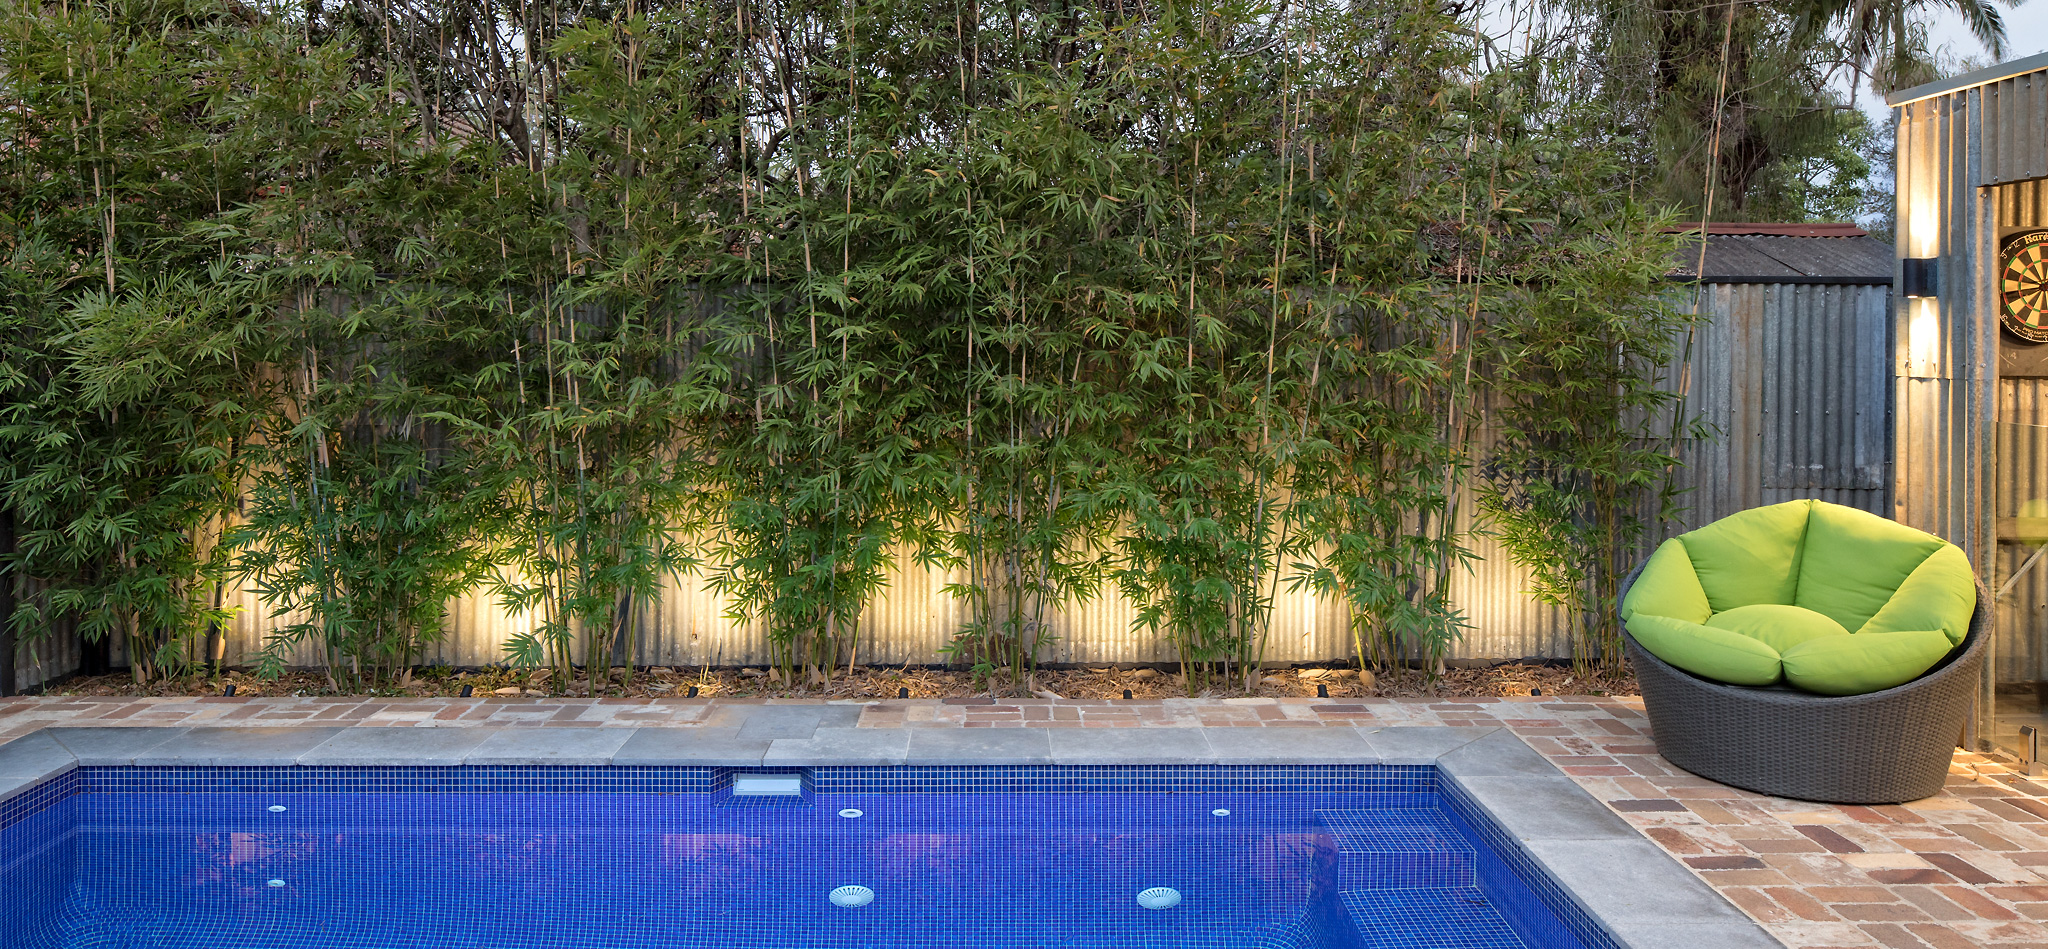 Non Clumping Bamboo